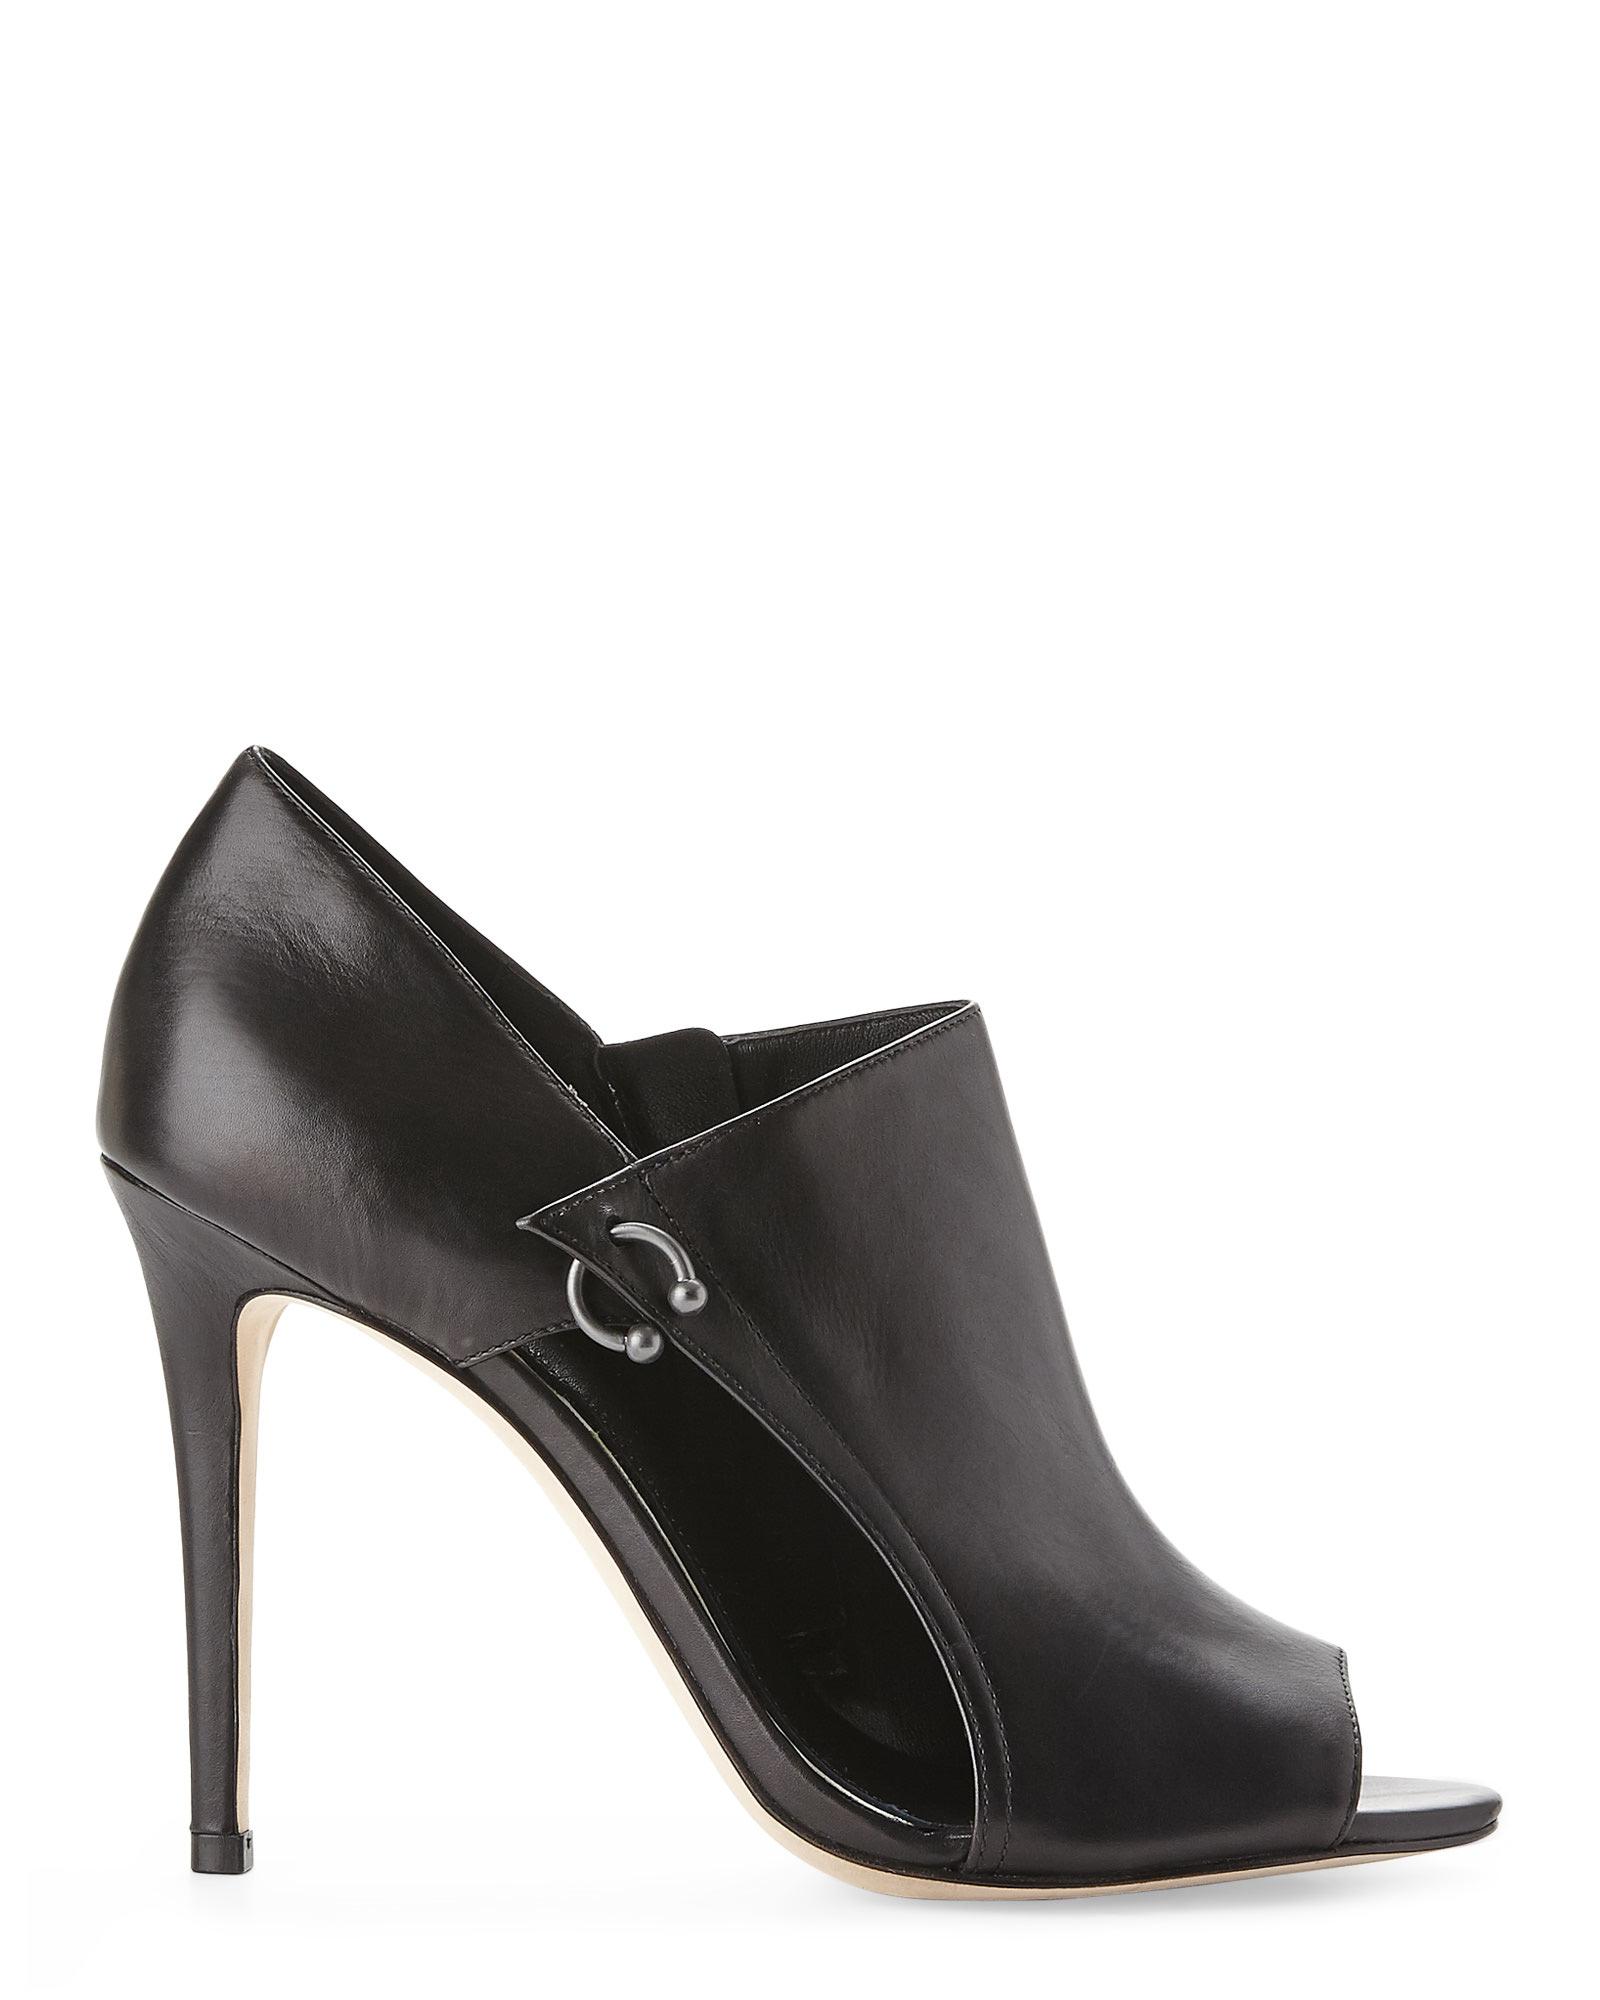 ELIE TAHARI Leather Heels